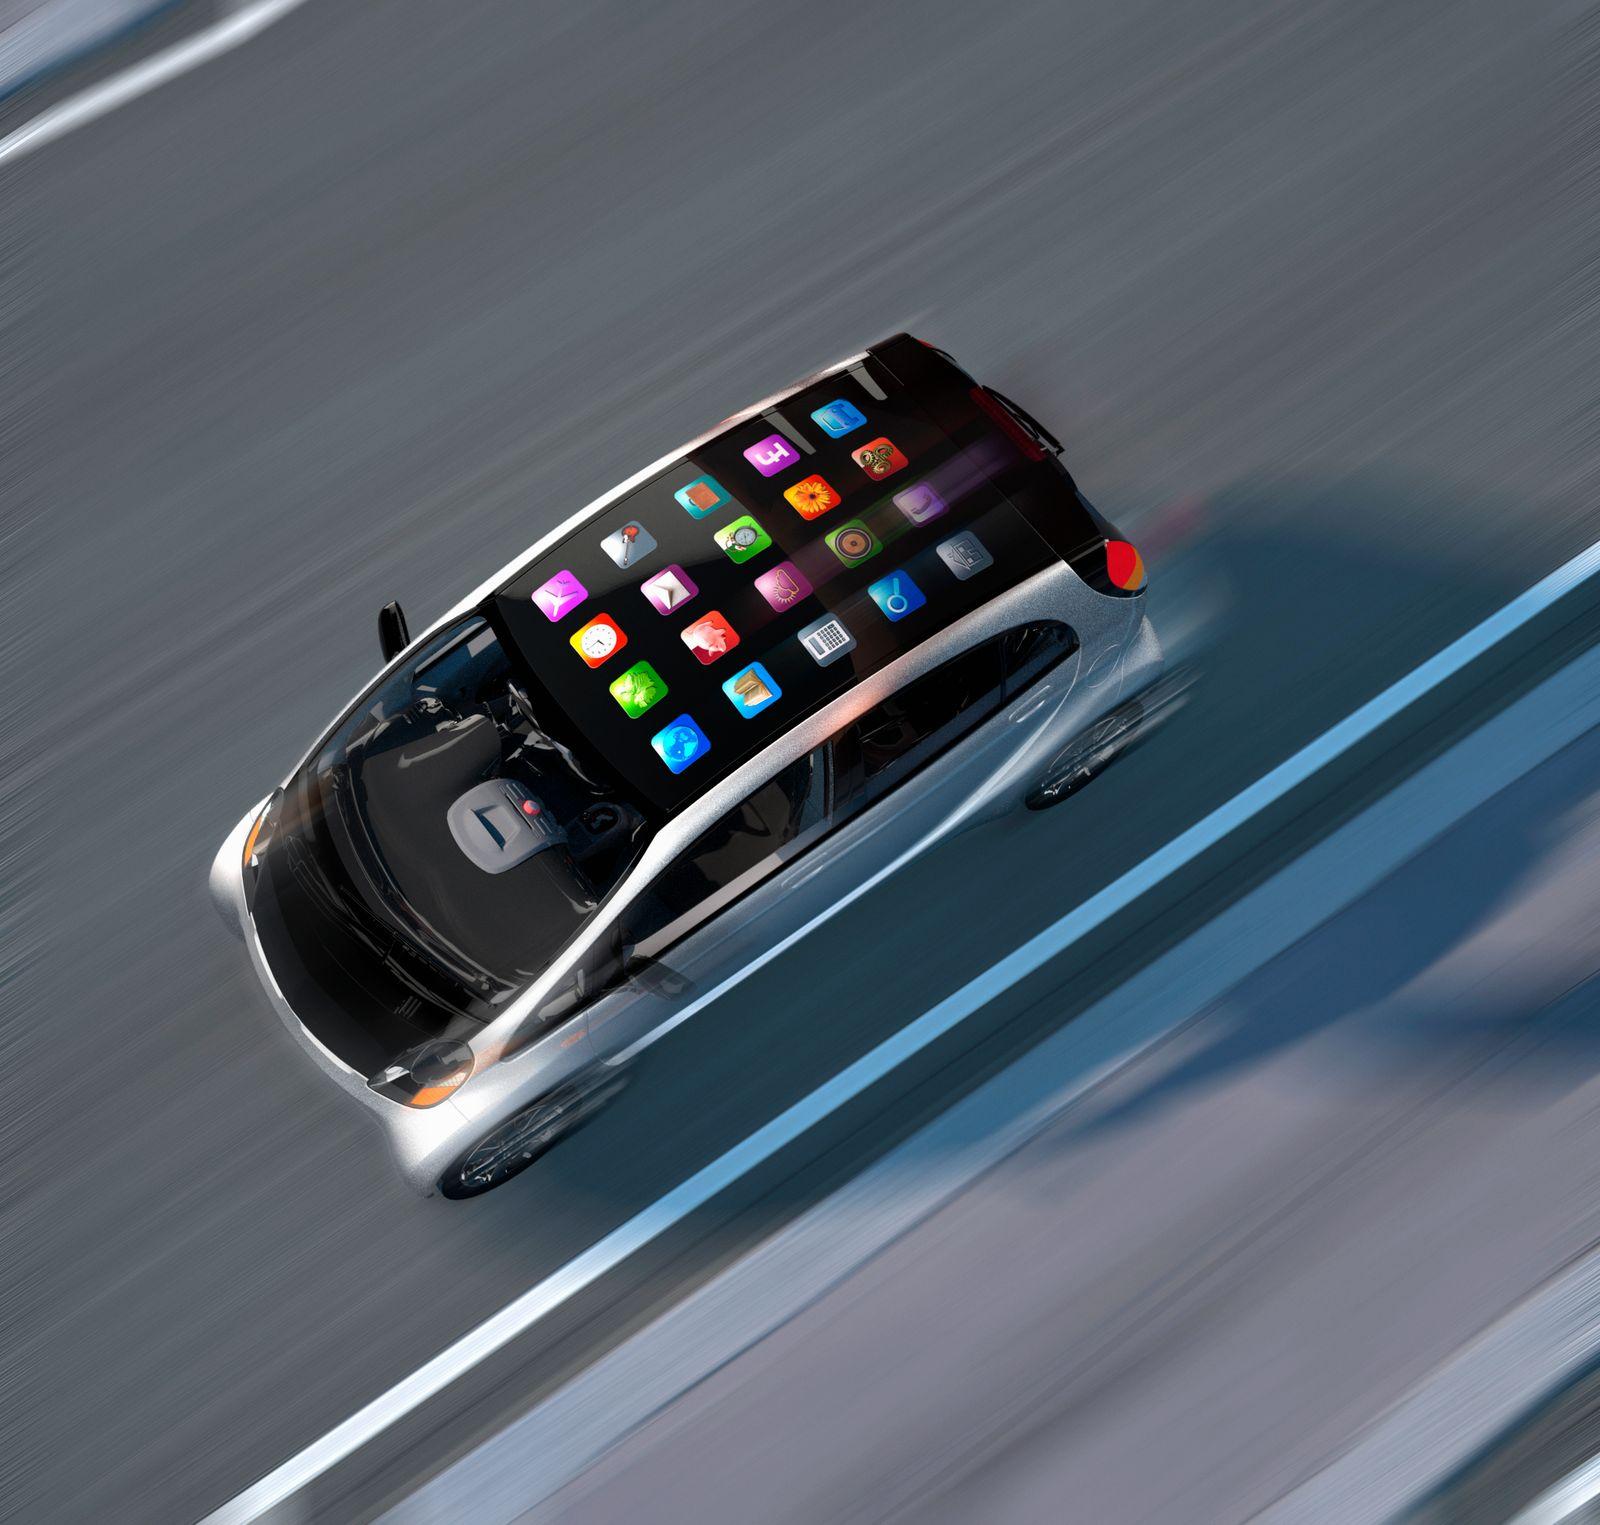 NICHT MEHR VERWENDEN! - Mobile apps on top of speeding car